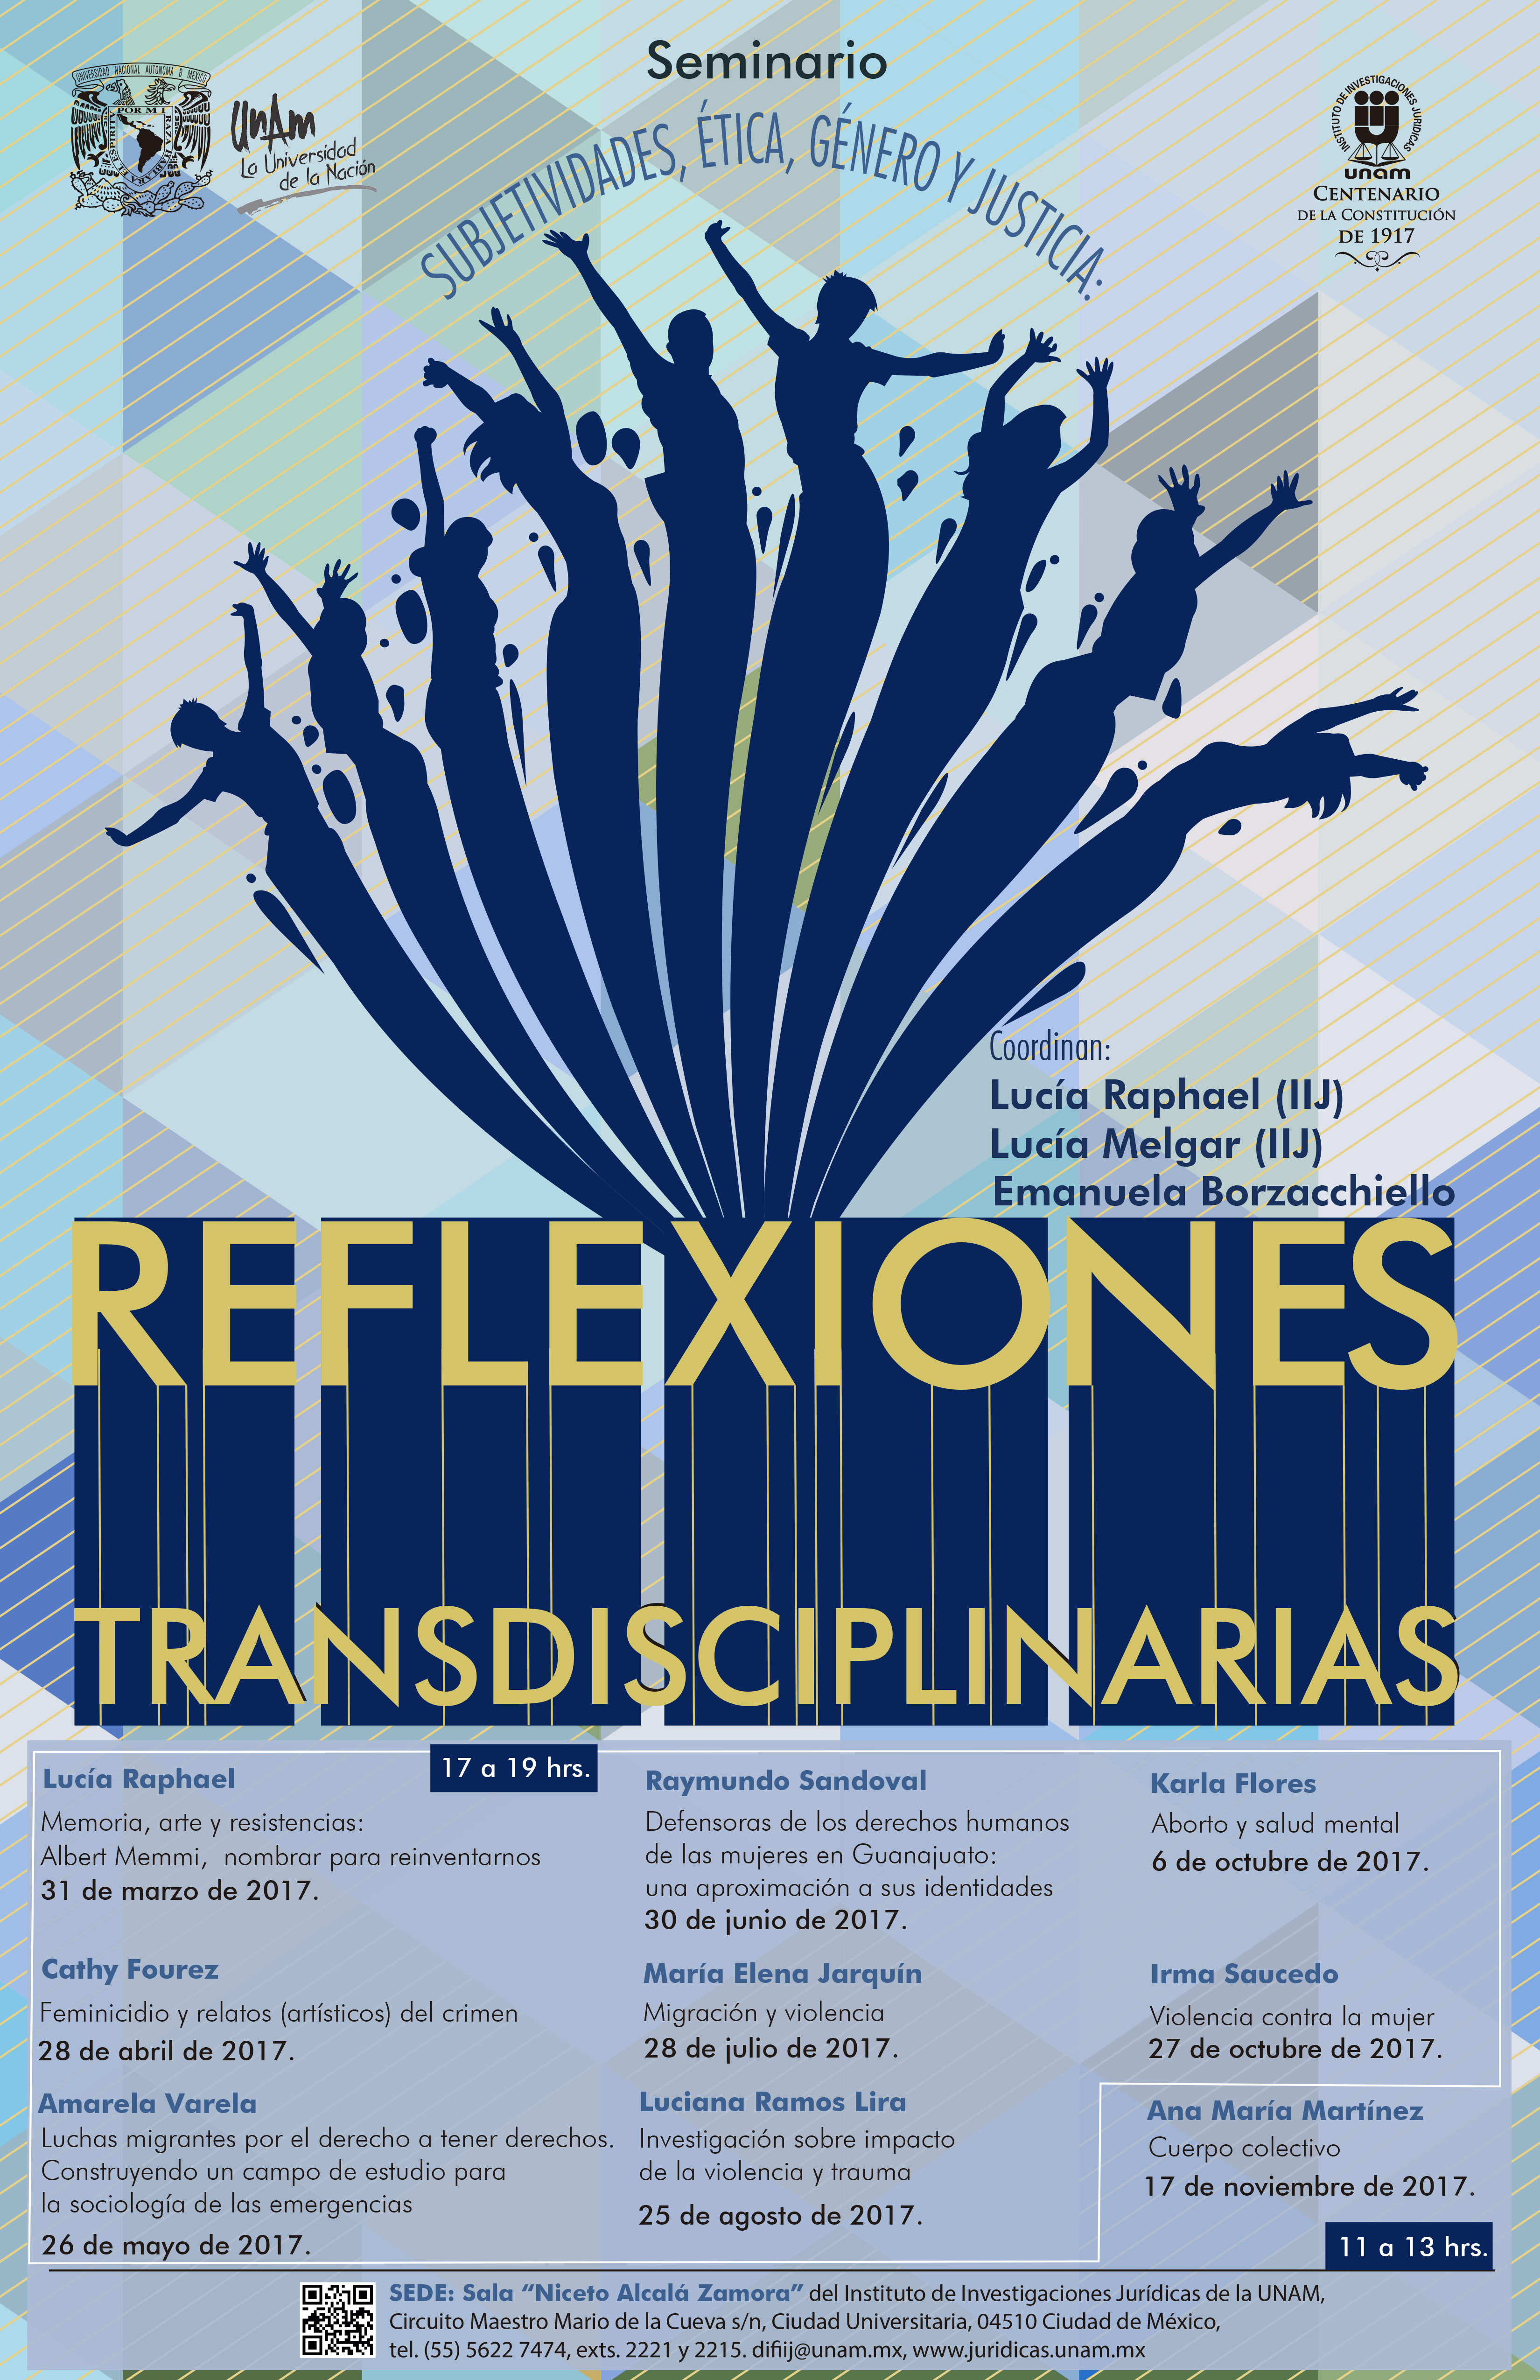 Subjetividades, ética, género y justicia: Reflexiones transdisciplinarias